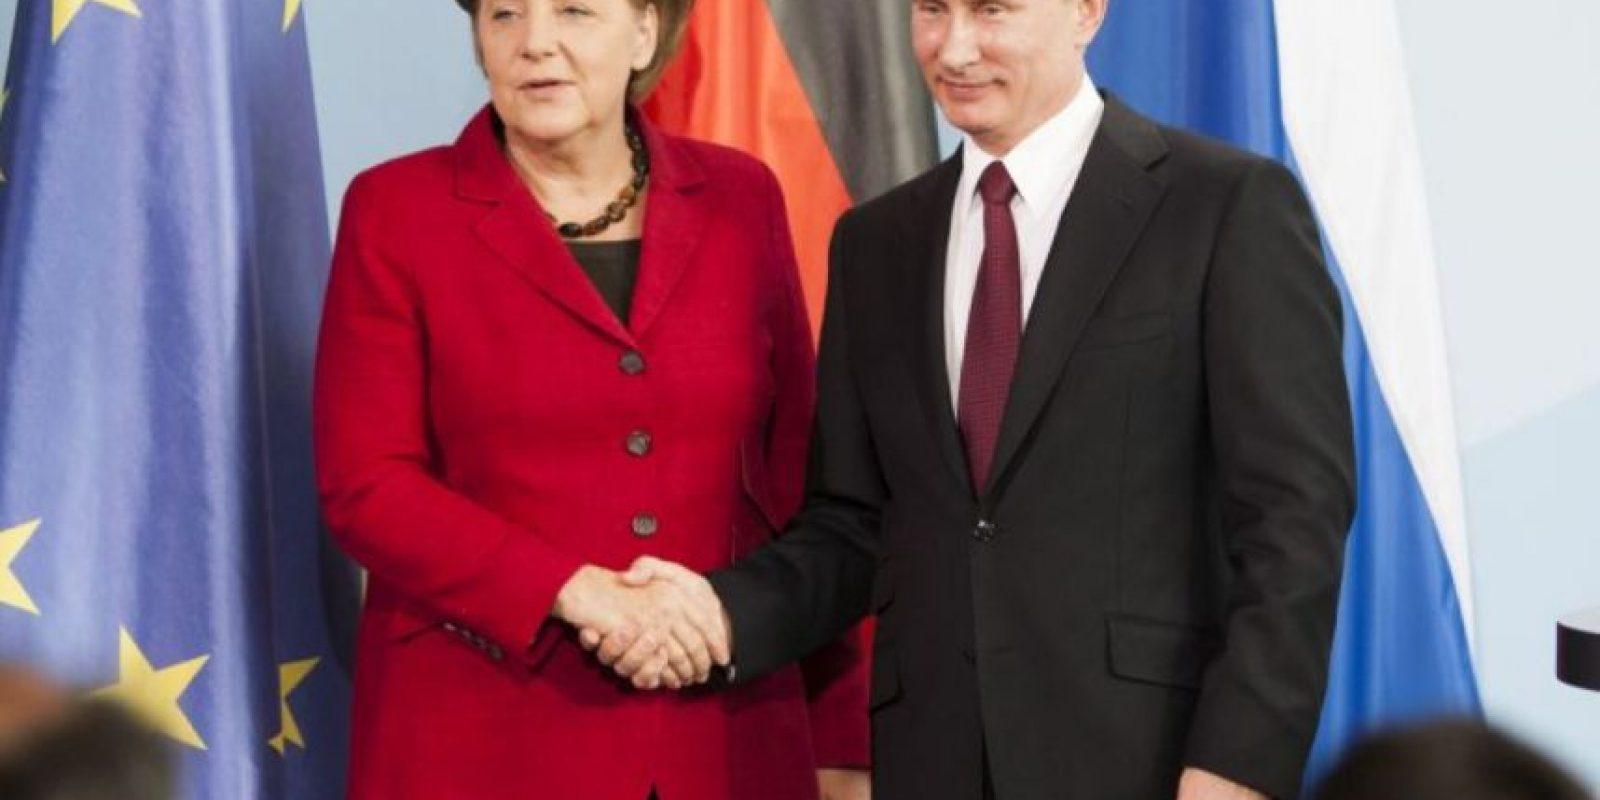 La diplomacia que ayudó a generar una respuesta de Europa respecto al conflicto entre Rusia y Ucrania Foto:AFP